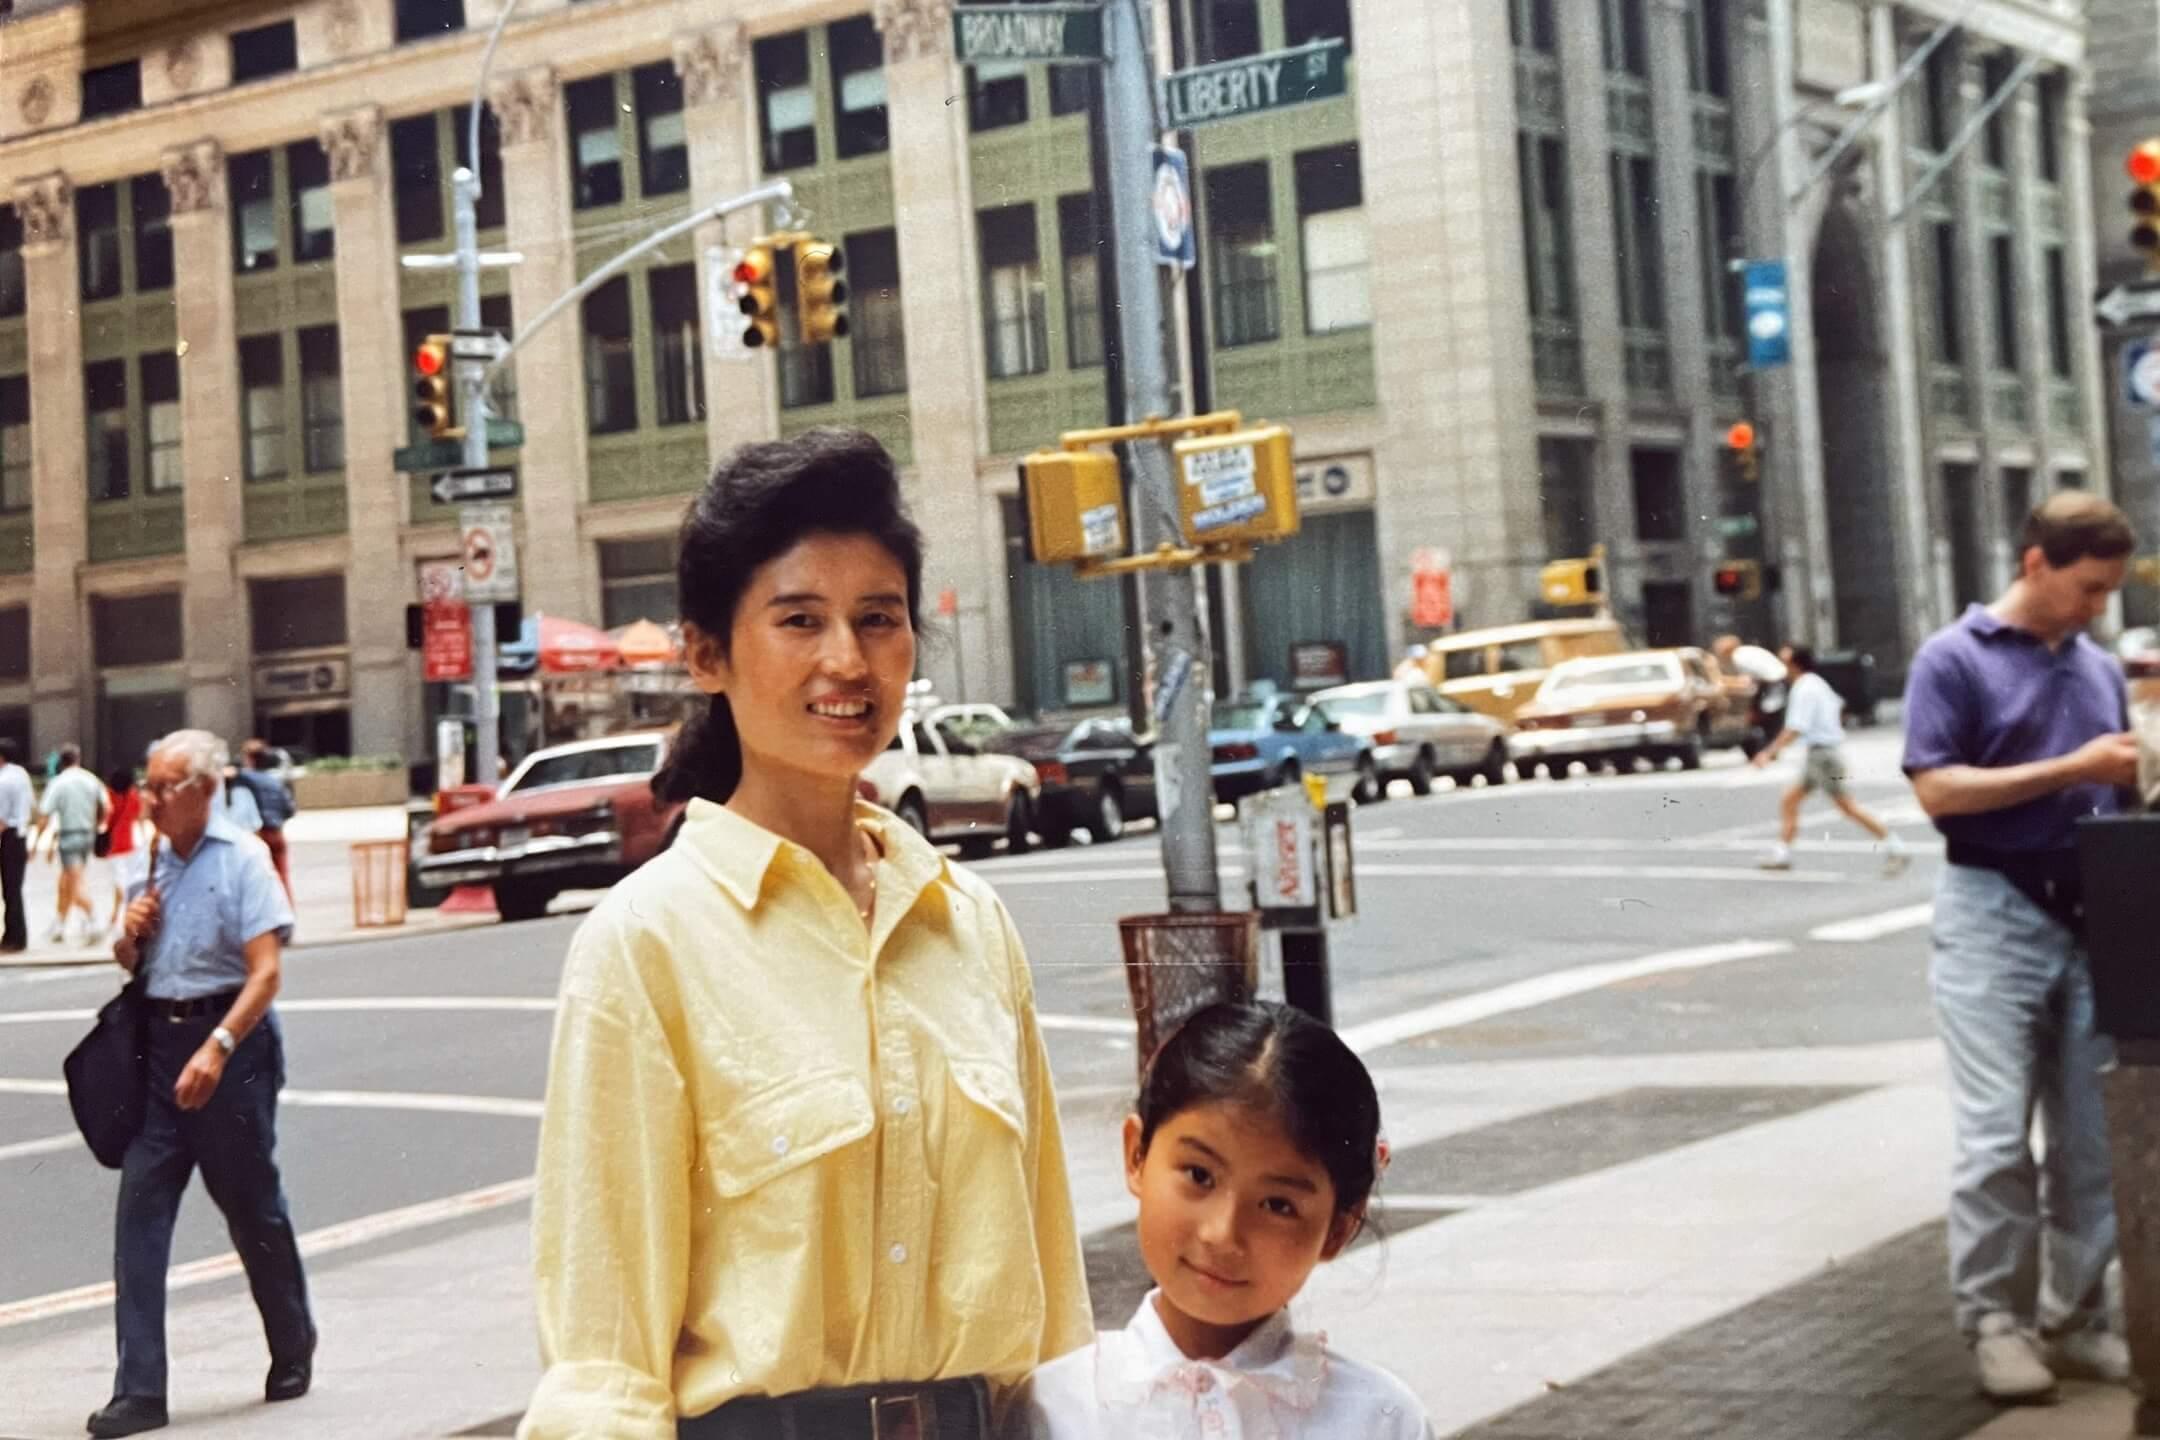 樊嘉揚與母親在紐約街頭的合照。